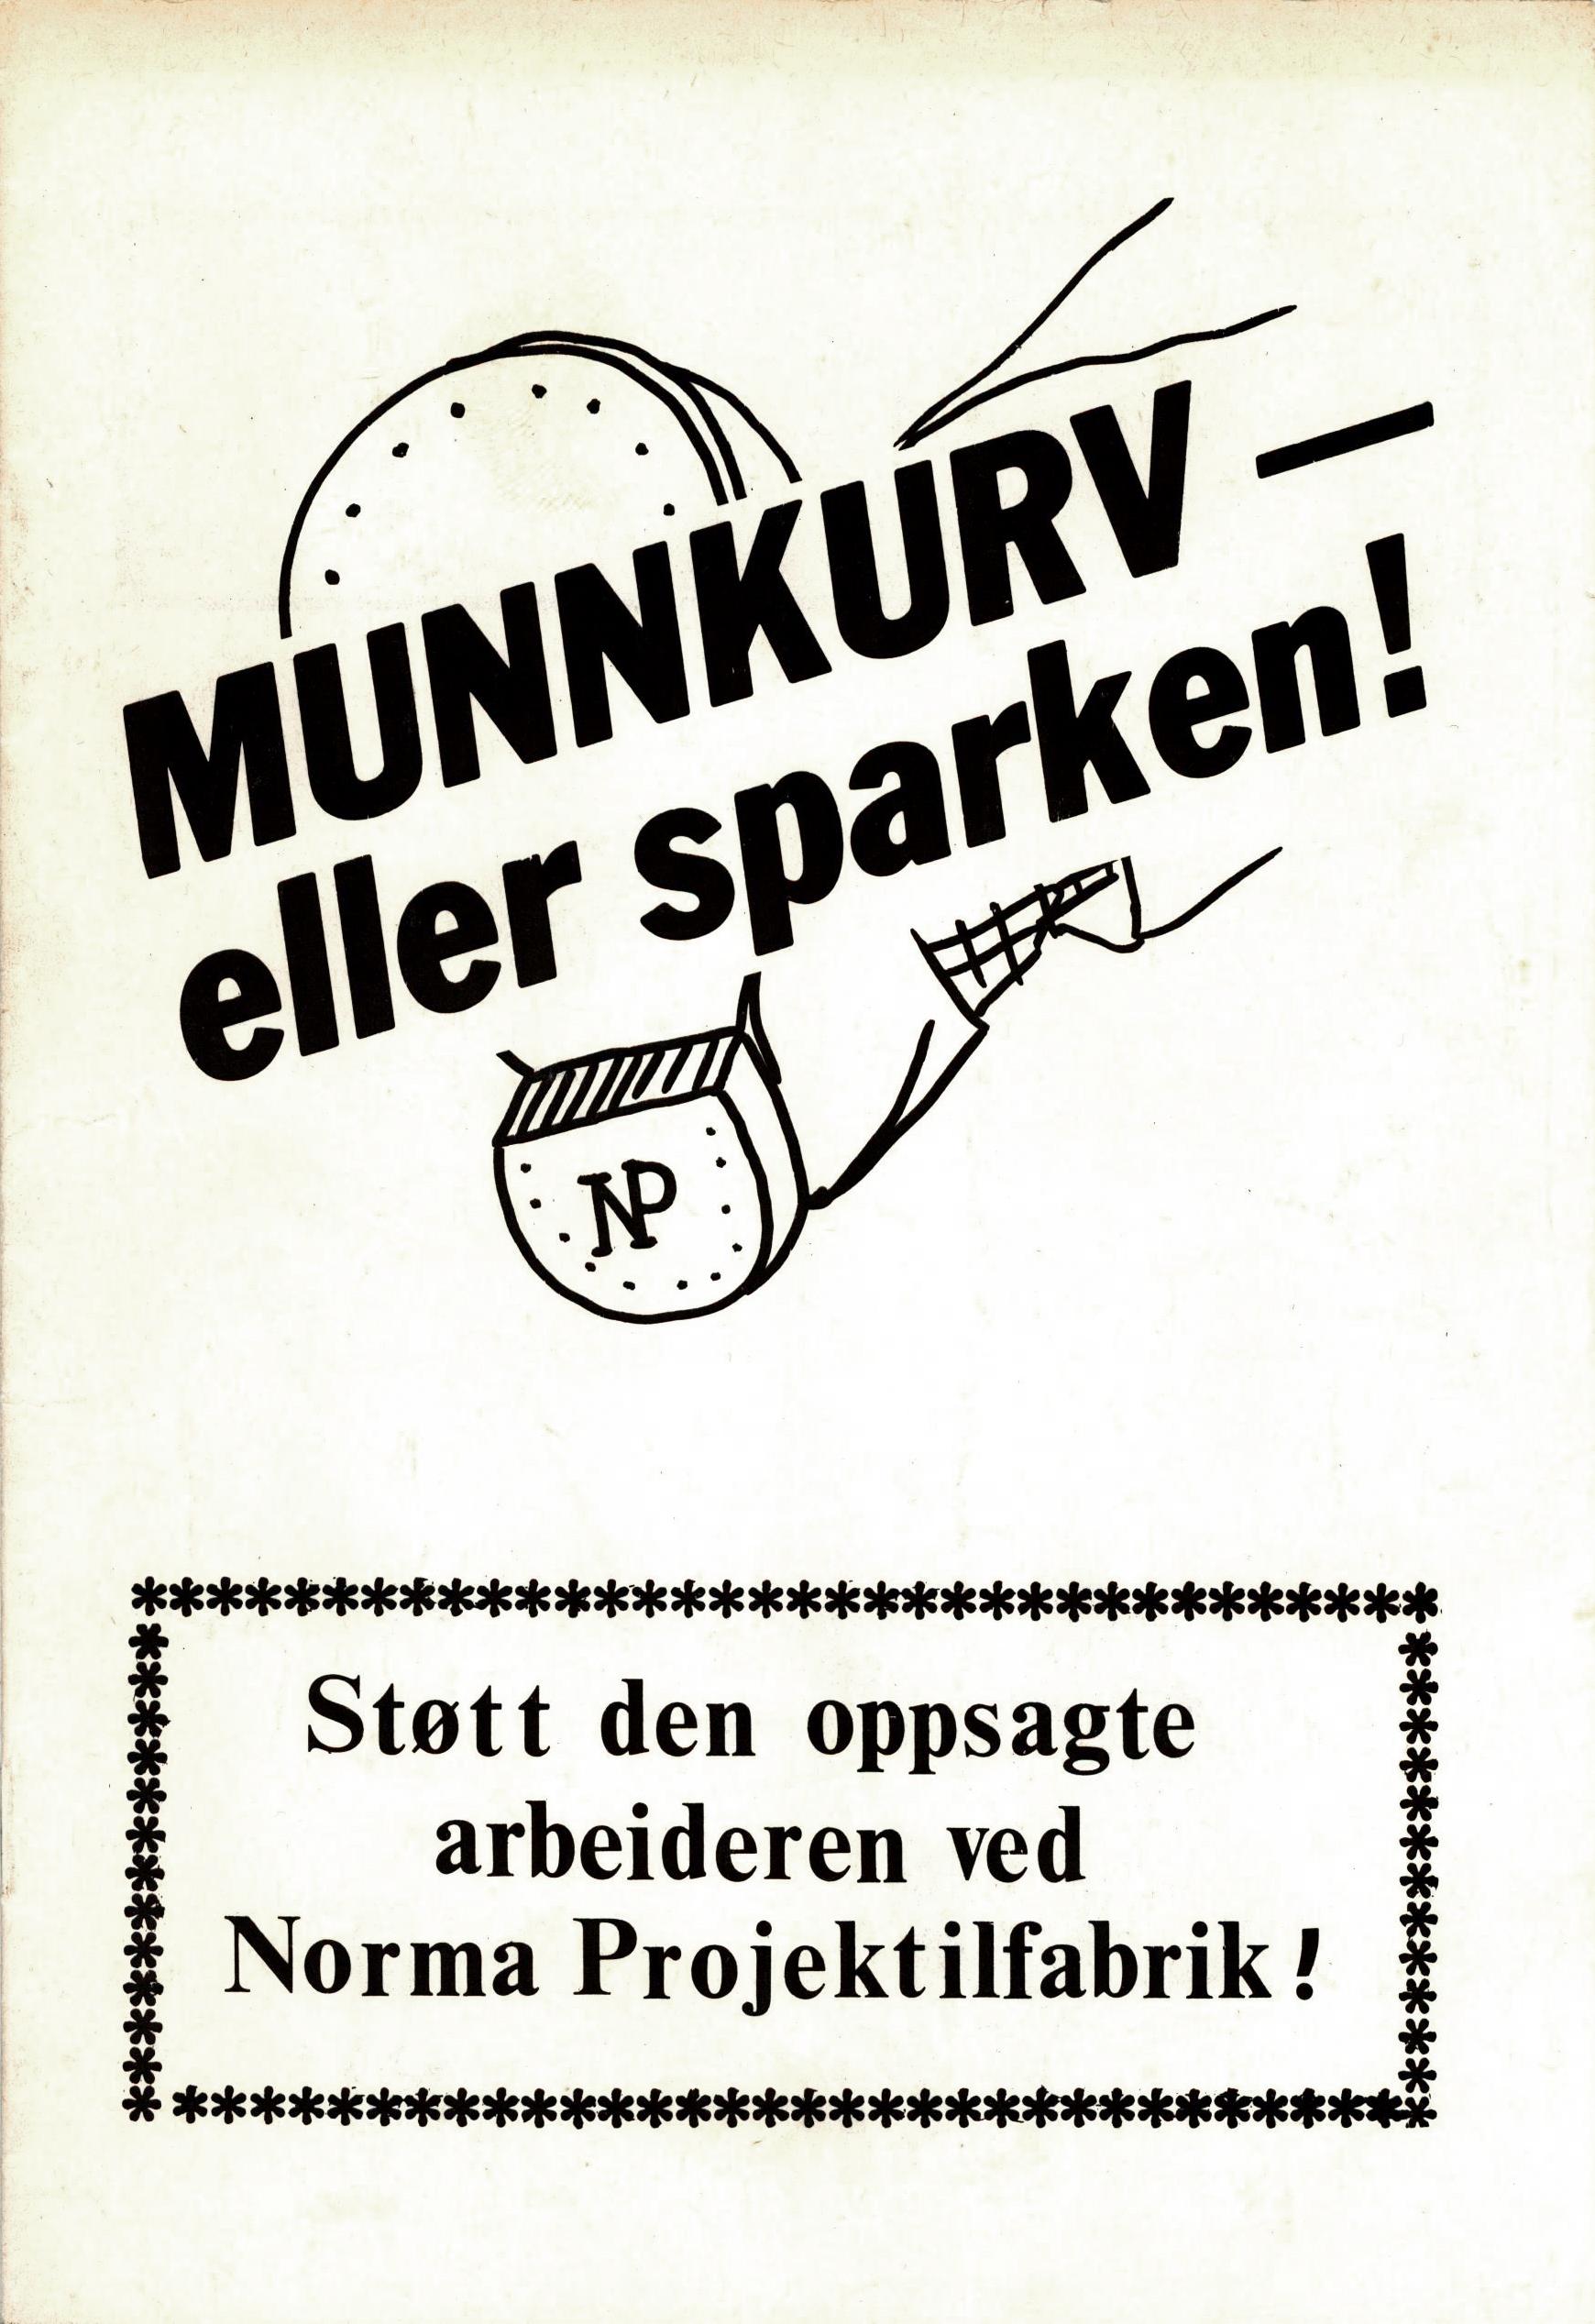 Munnkurv eller sparken! Støtt den oppsagte arbeideren ved Norma Projektilfabrikk!